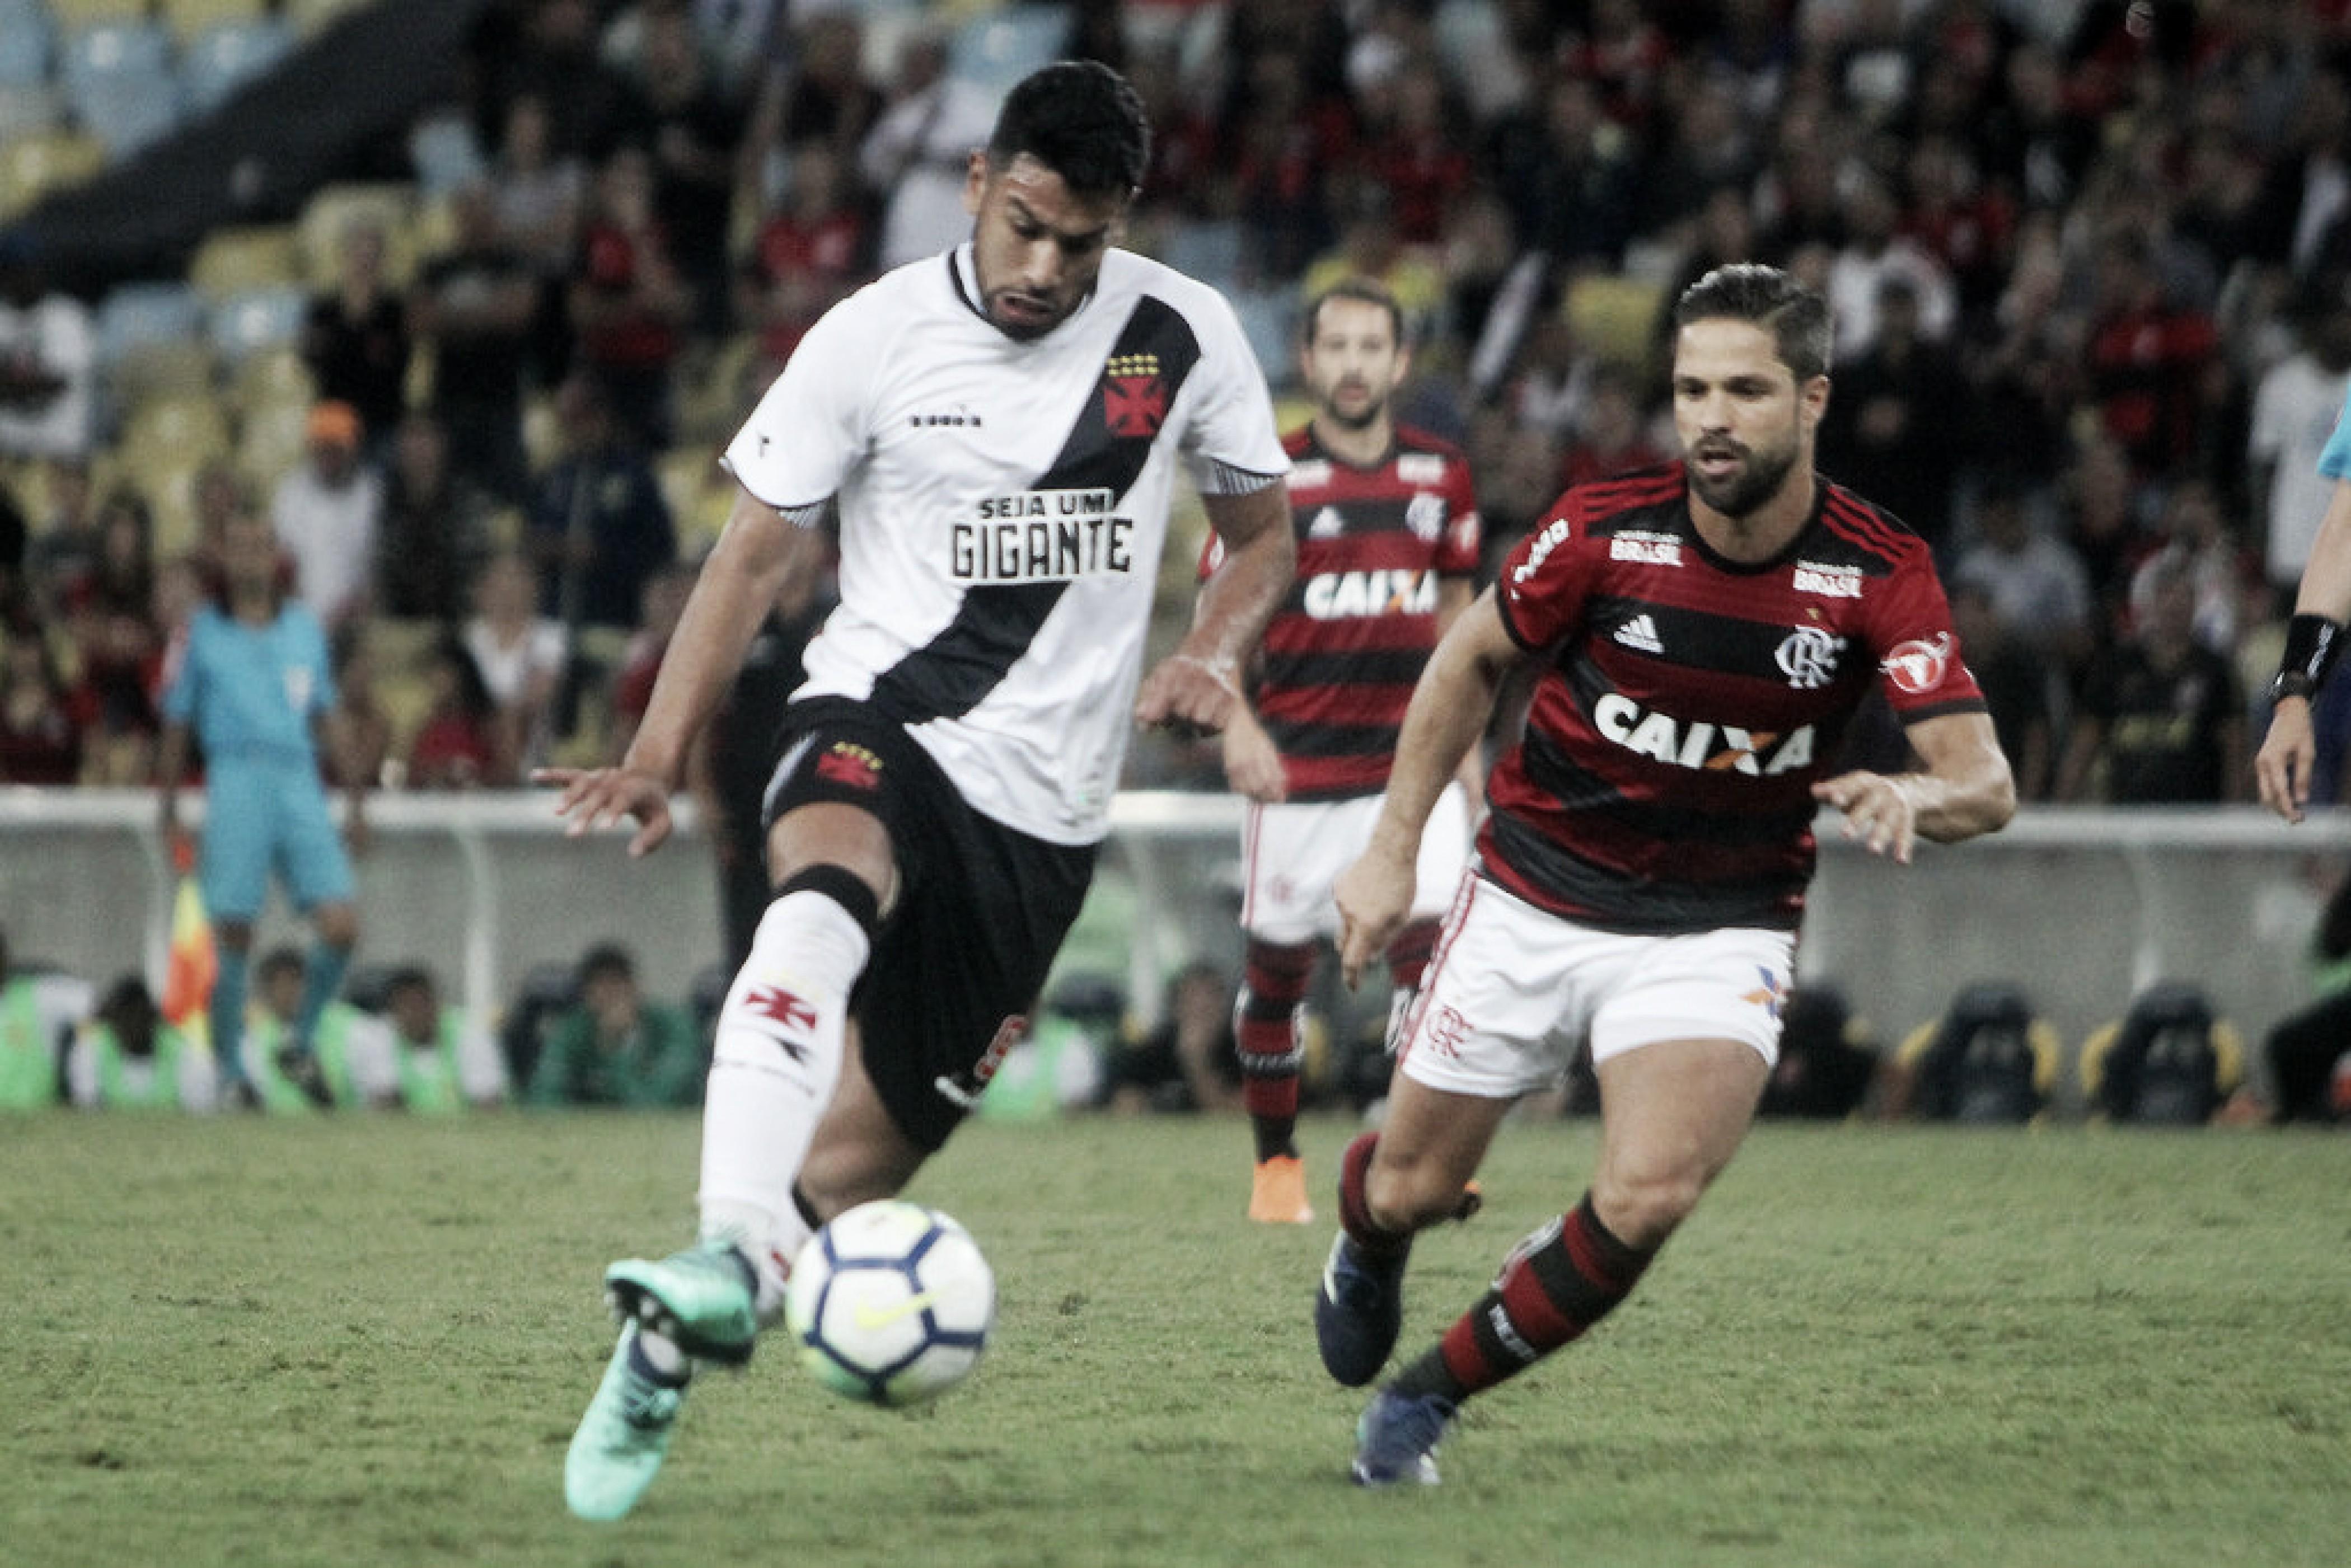 Campeonato Brasileiro: tudo que você precisa saber sobre Vasco x Flamengo